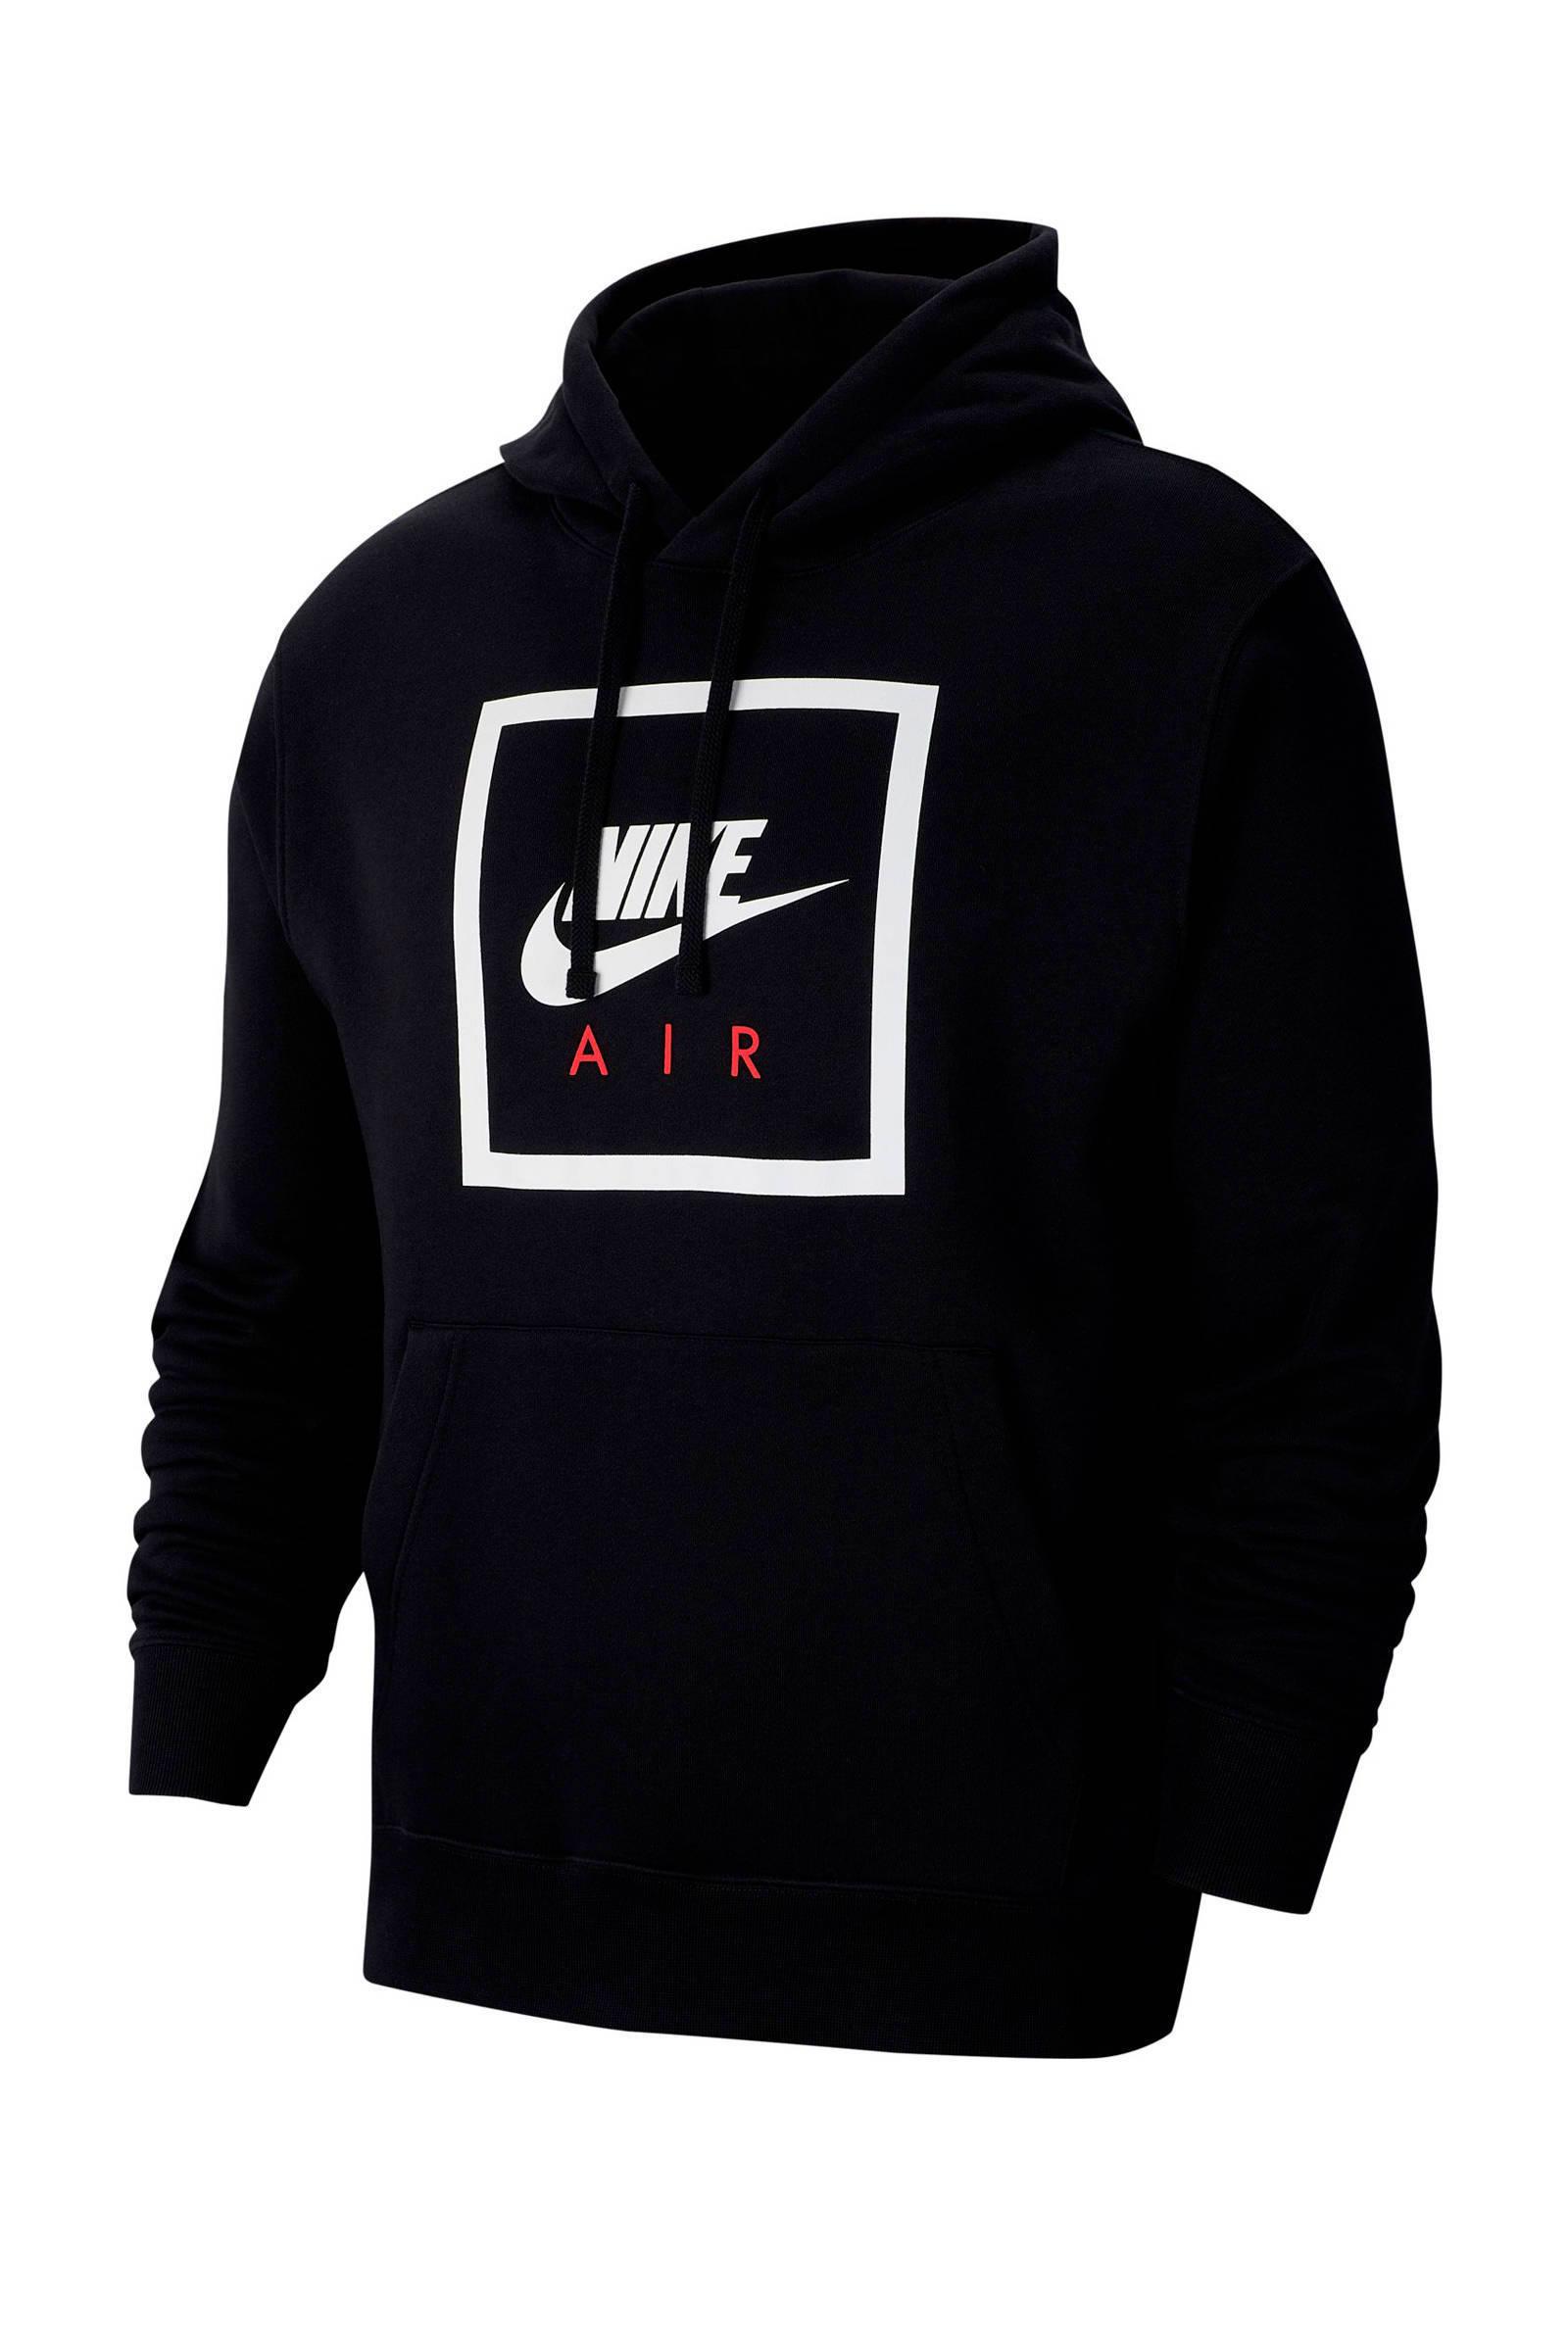 Nike Air hoodie zwart | wehkamp